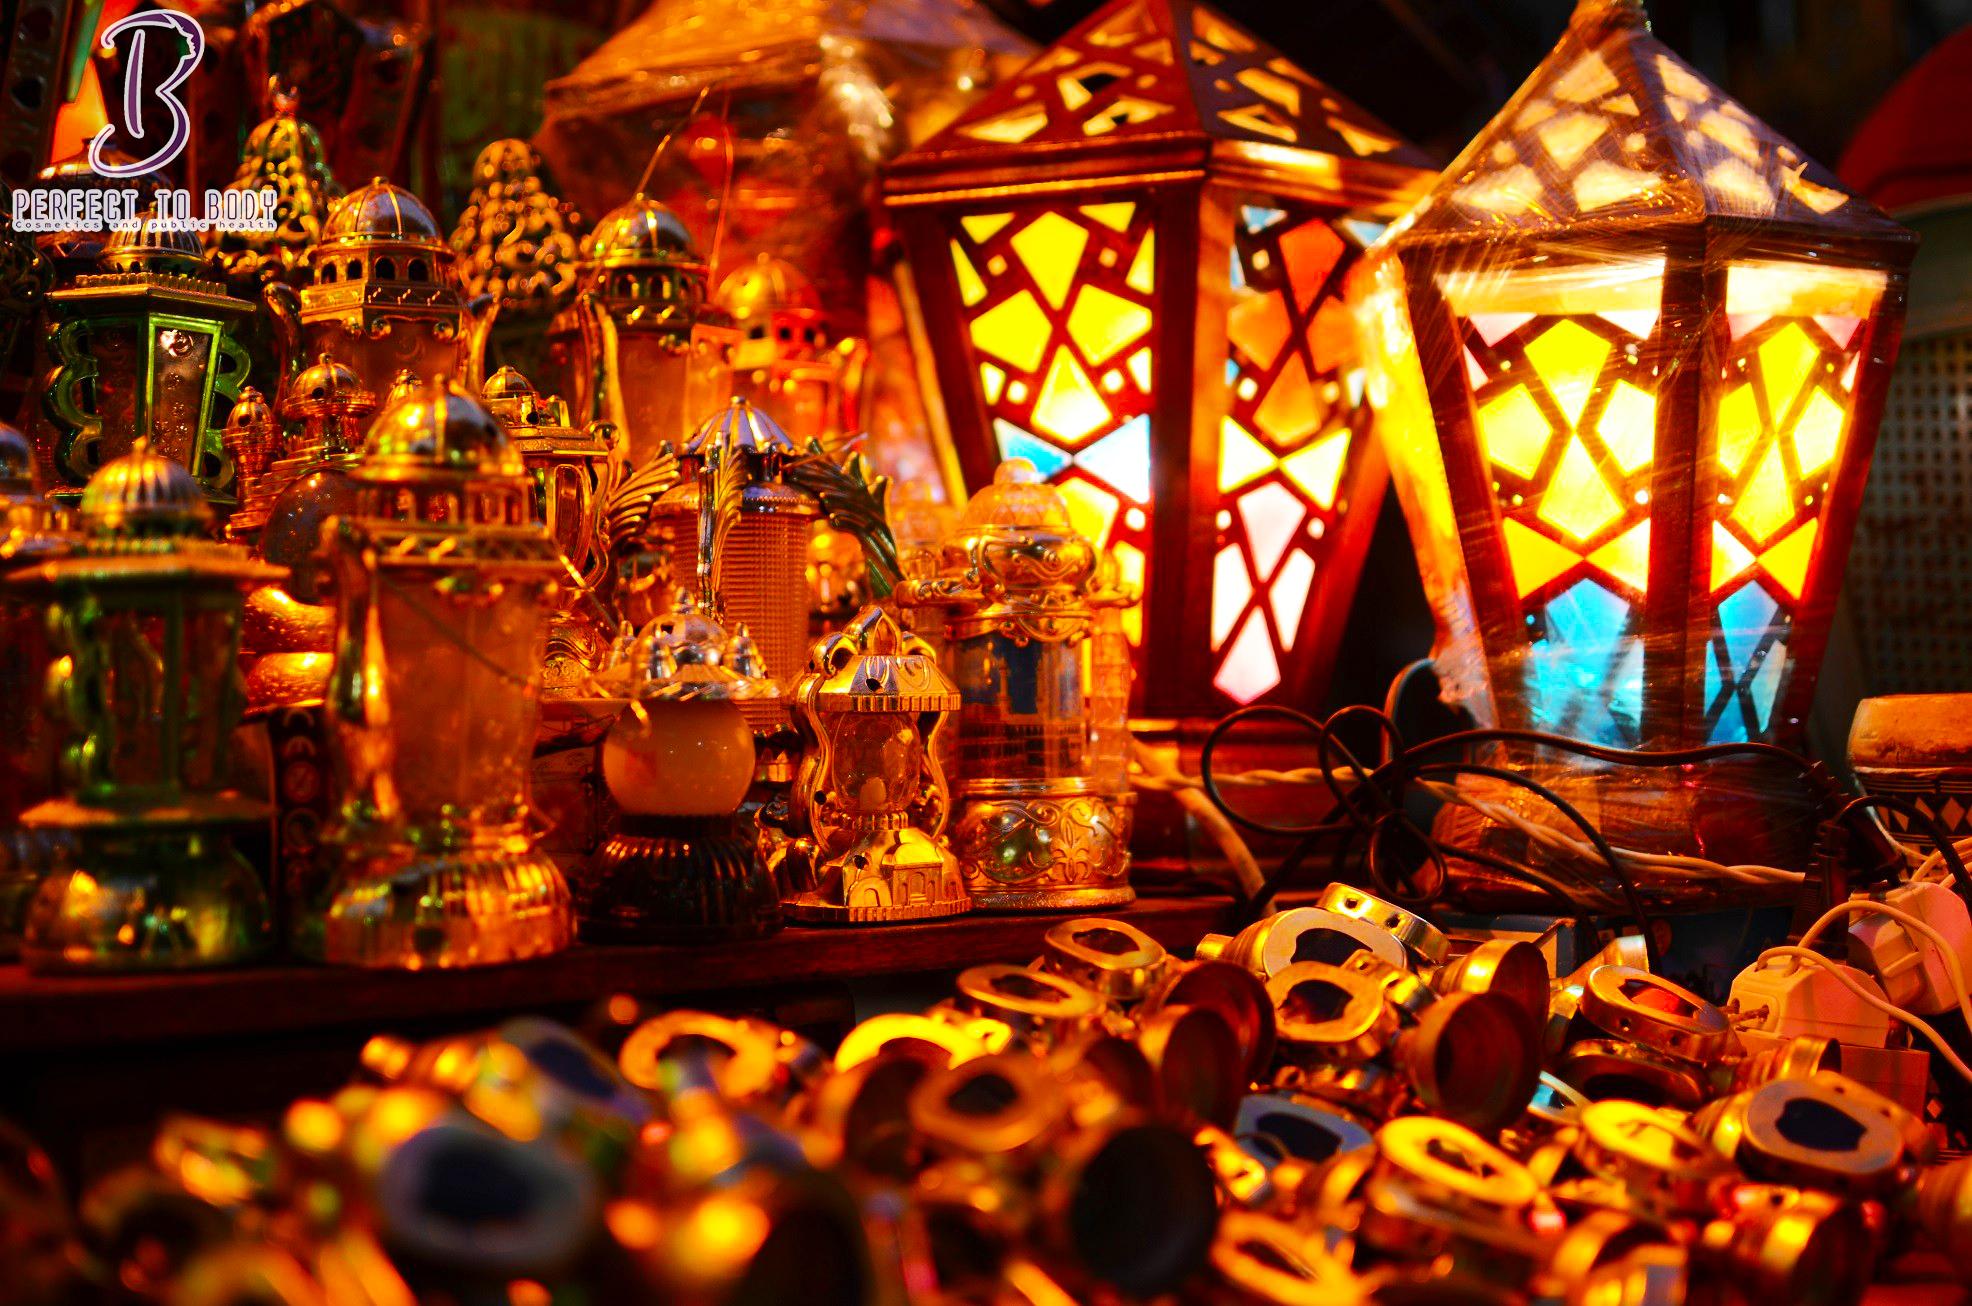 أماكن بيع زينة رمضان جملة 2021 وأسعارها بالتفصيل